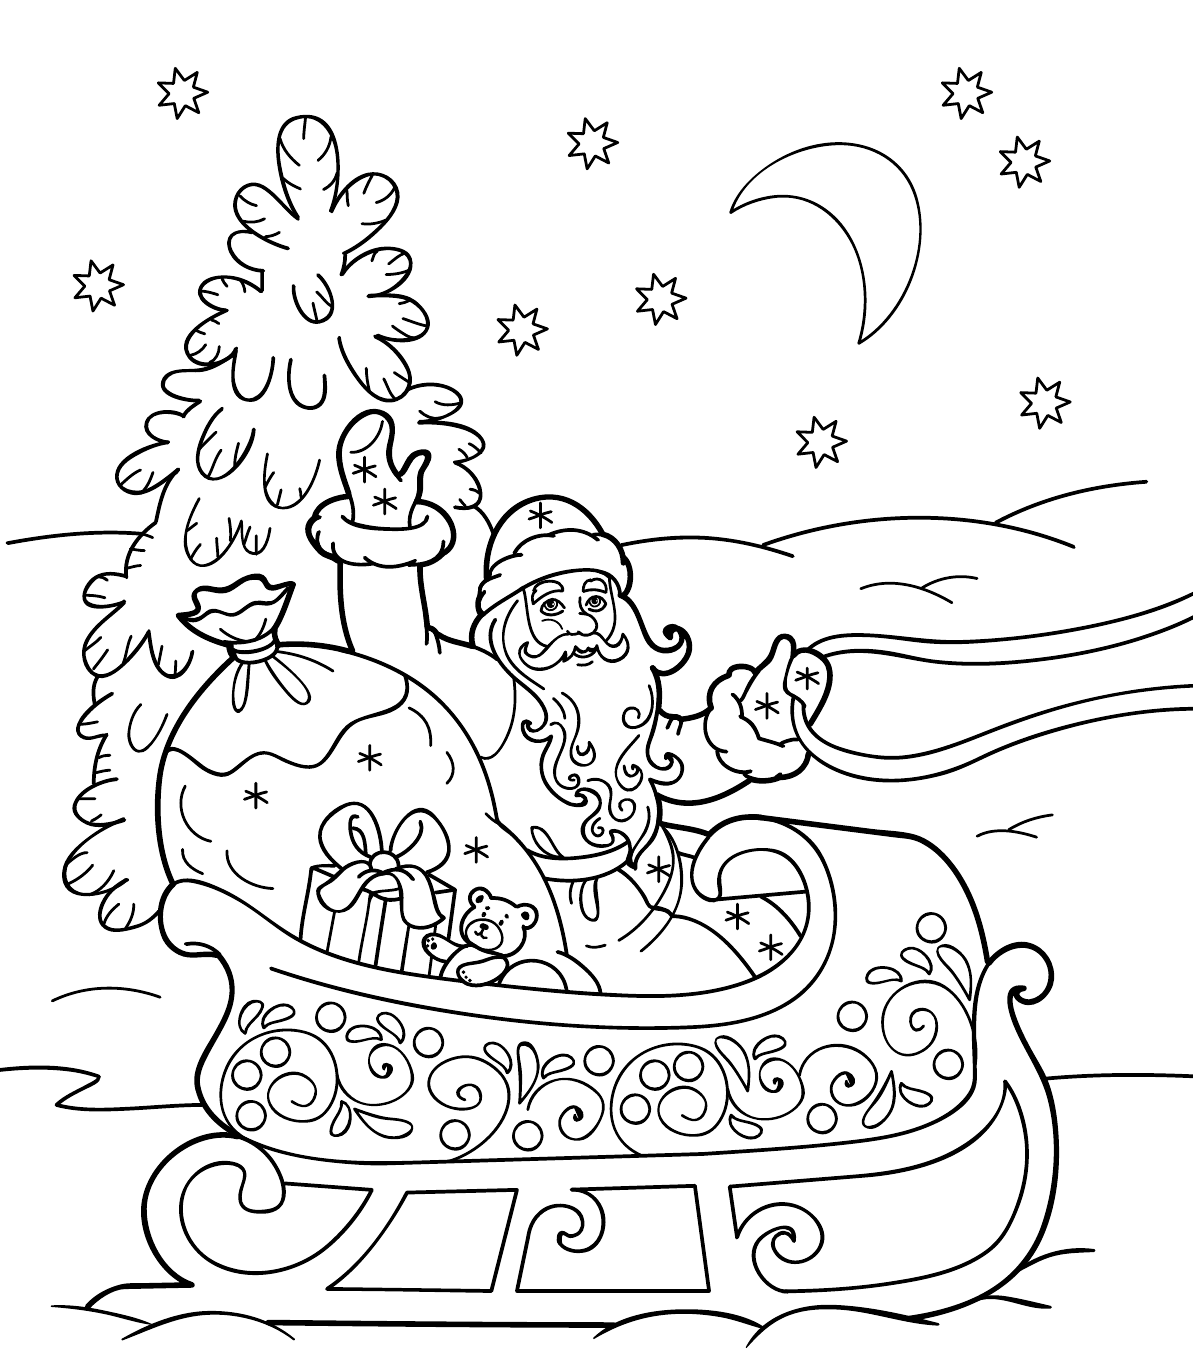 Картинки с новым годом раскраска распечатать на всю страницу, днем